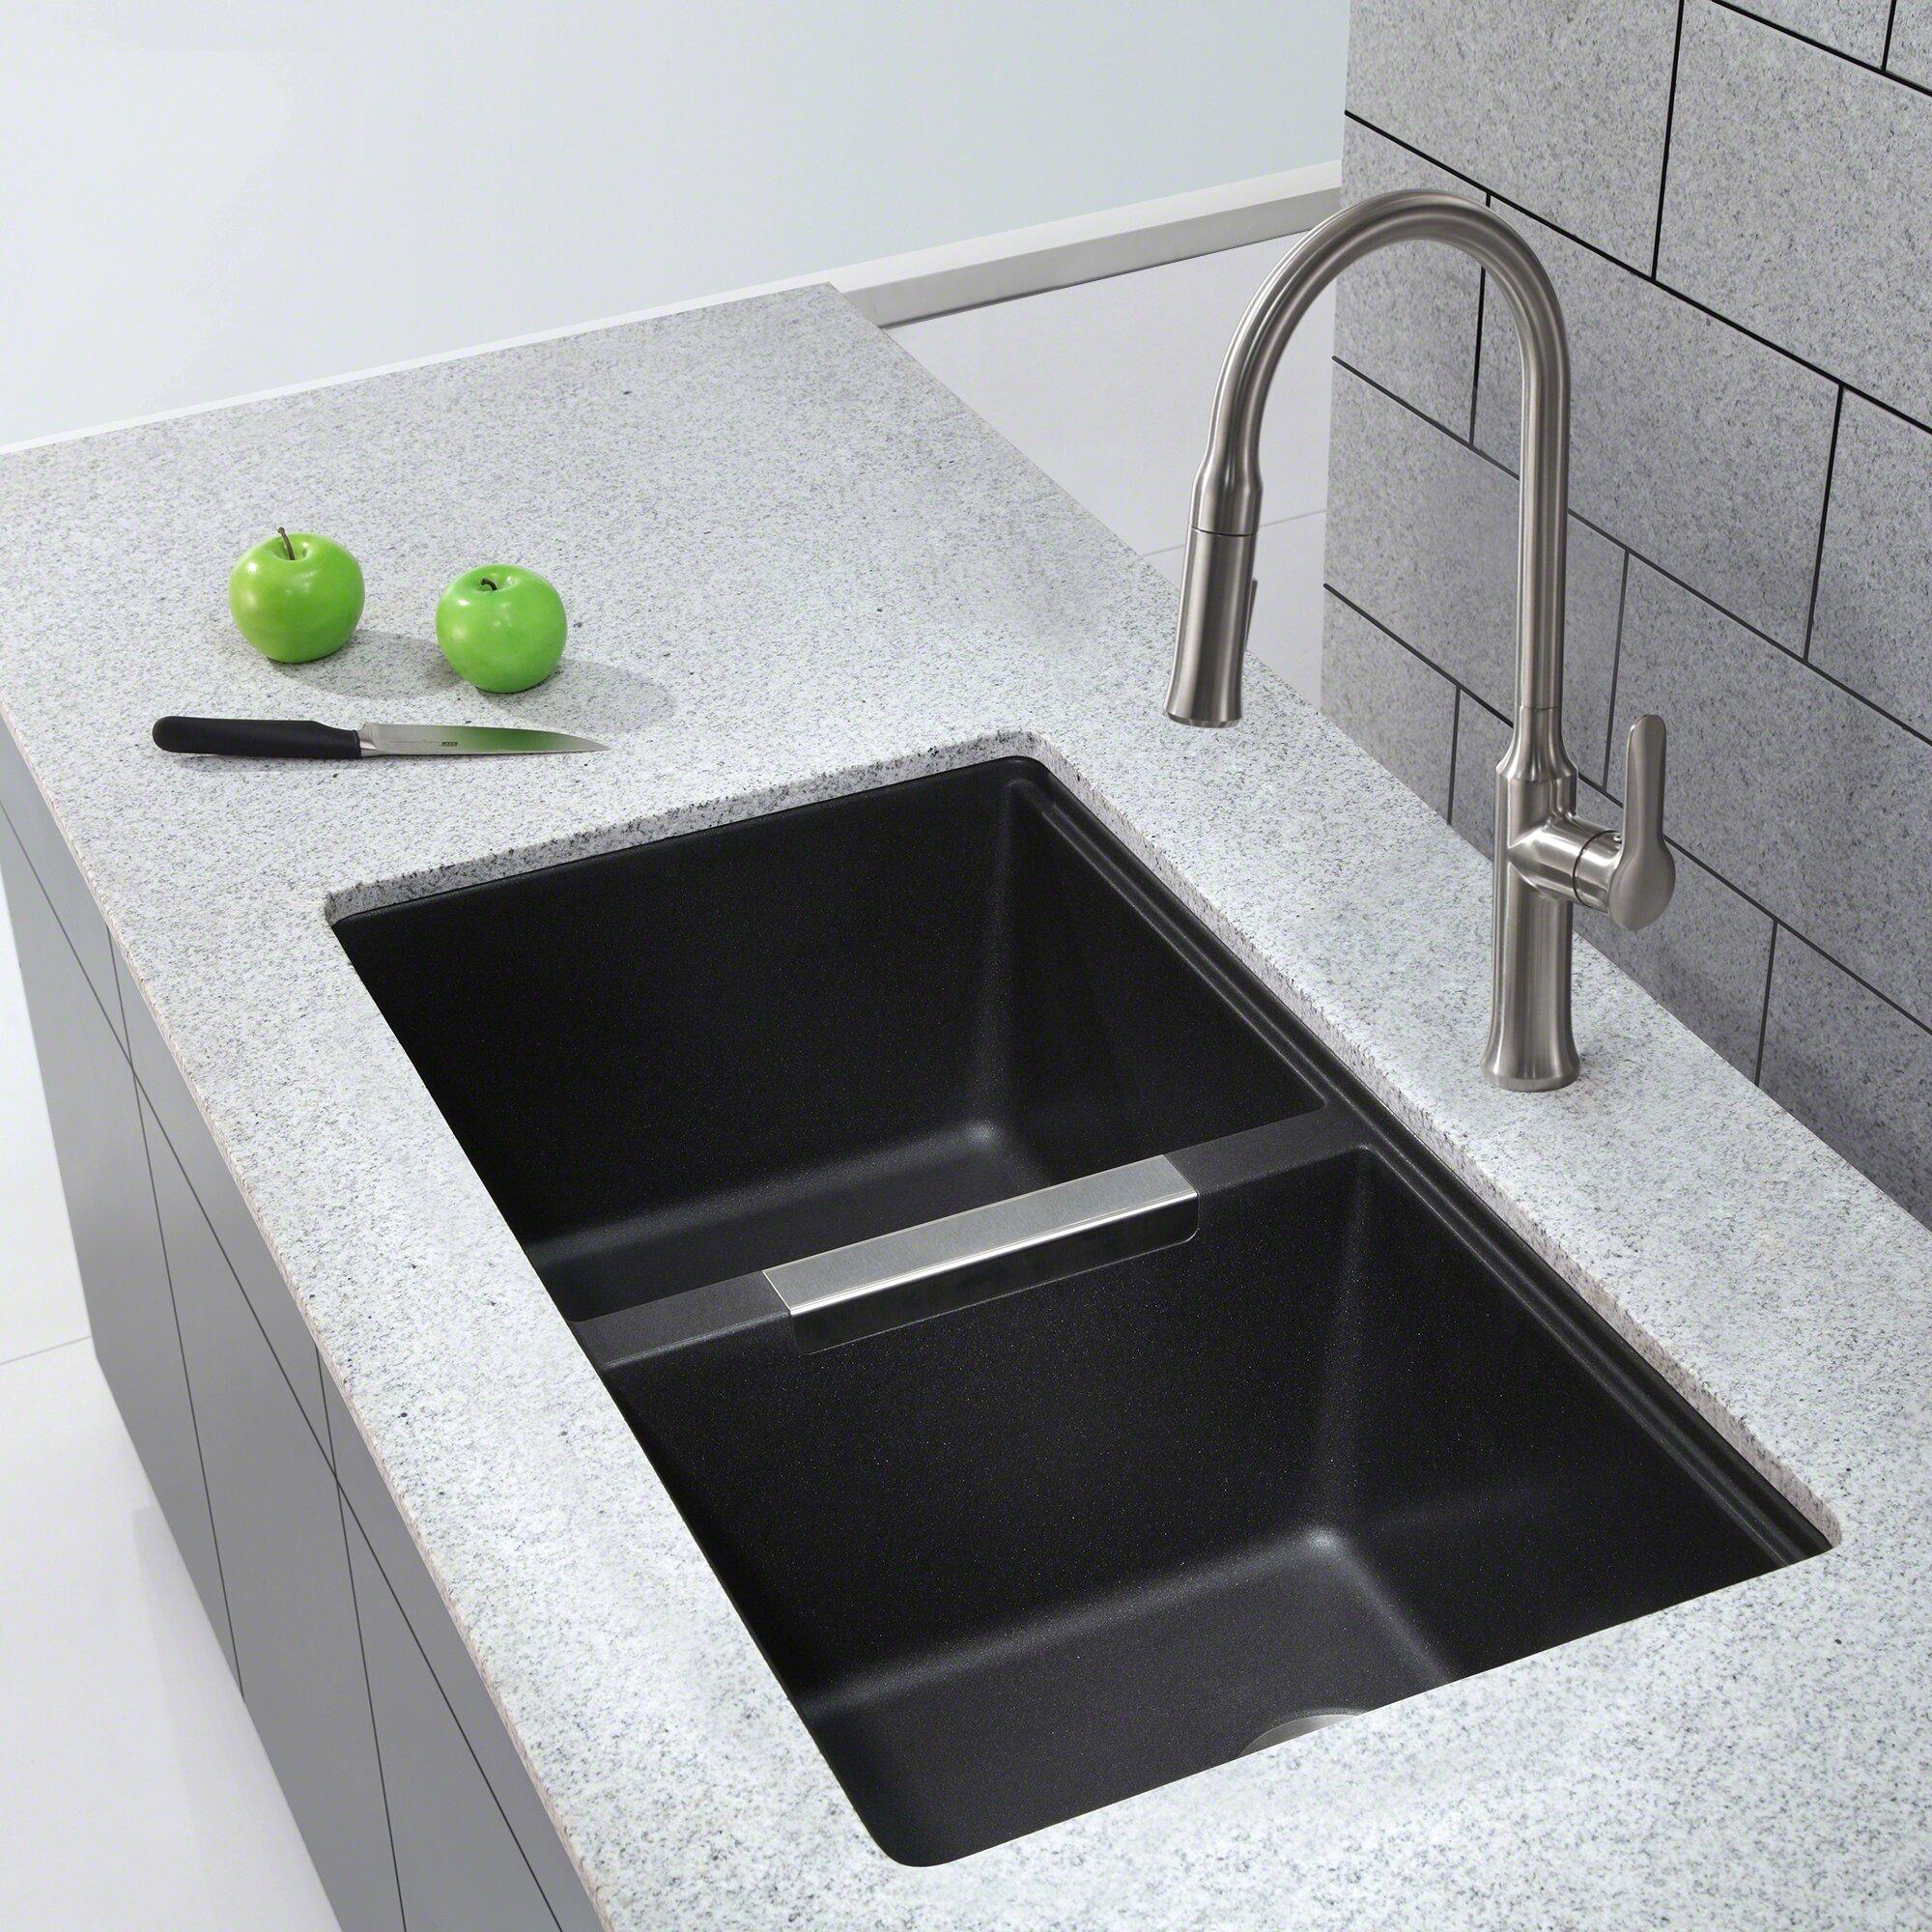 Kraus Kitchen Sinks Canada : Kraus 32.5